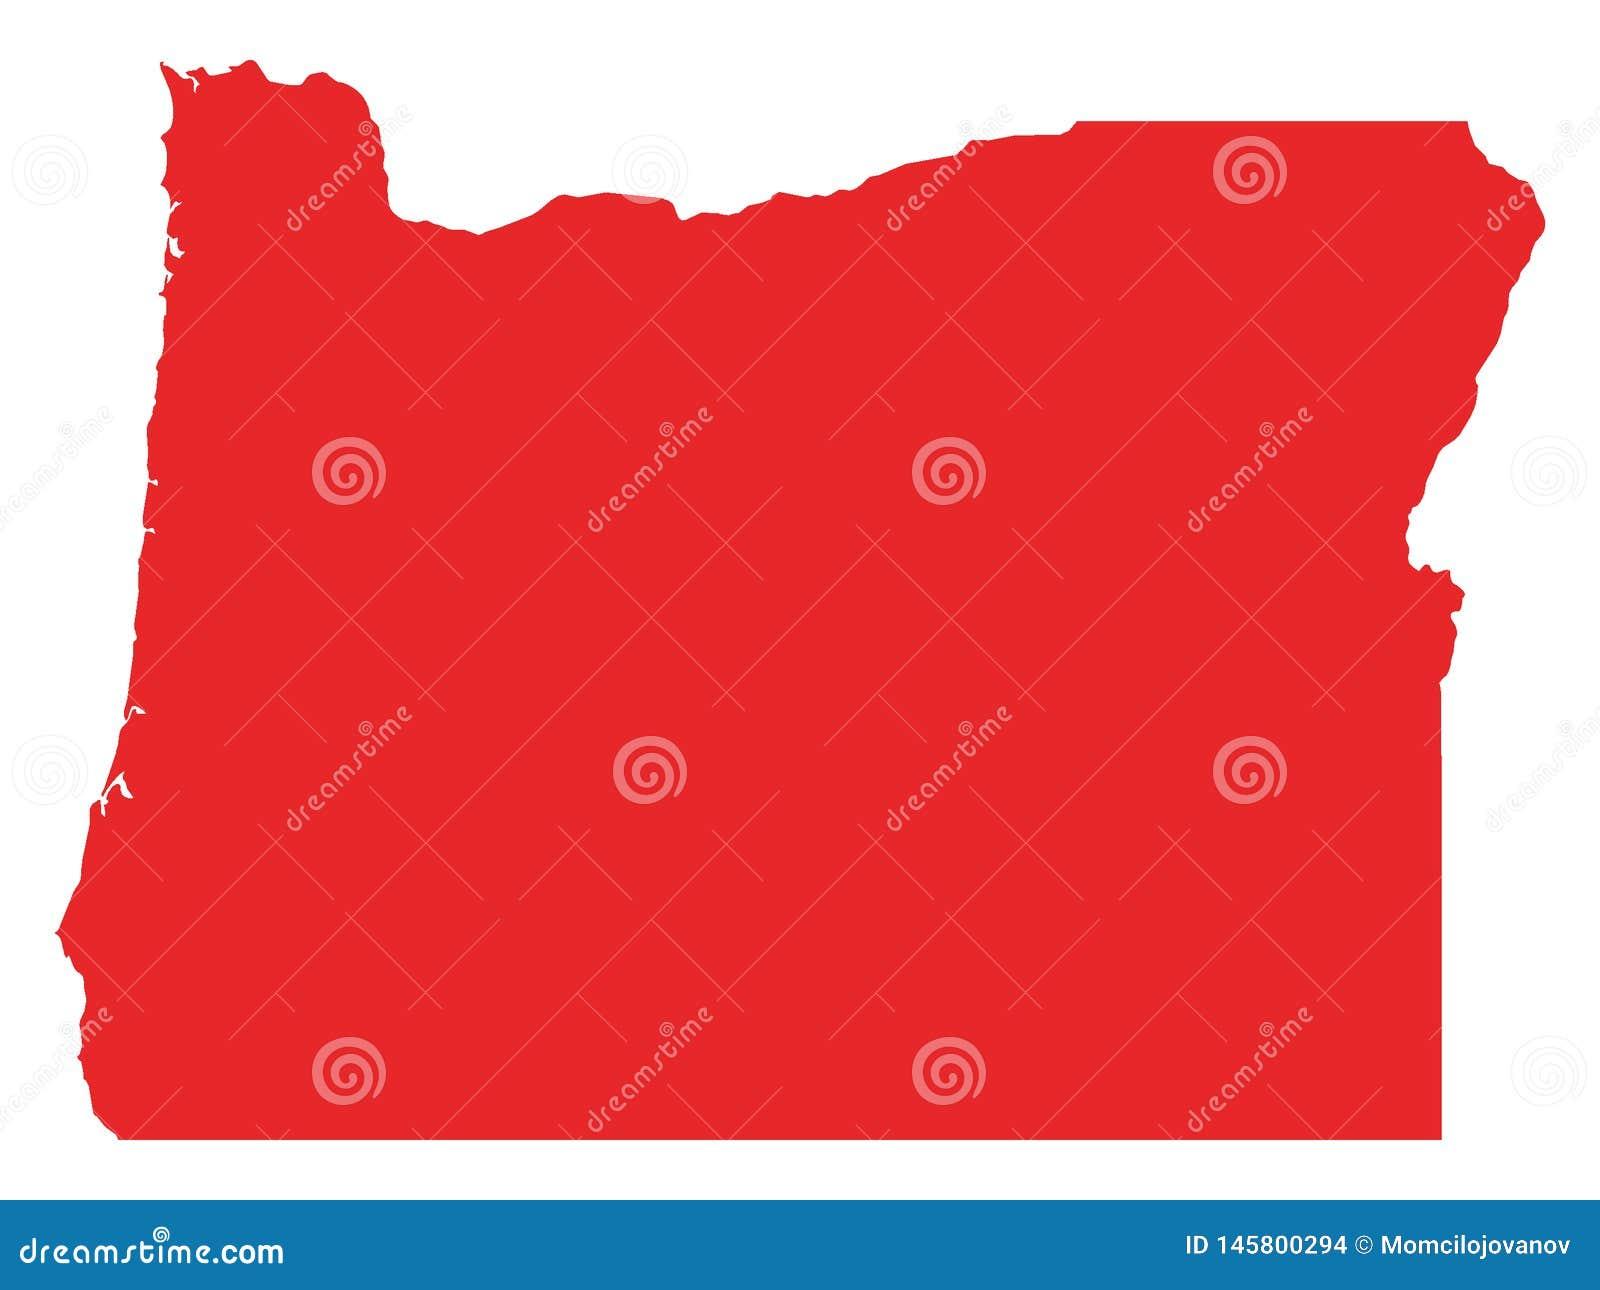 Mapa rojo del estado de los E.E.U.U. de Oregon